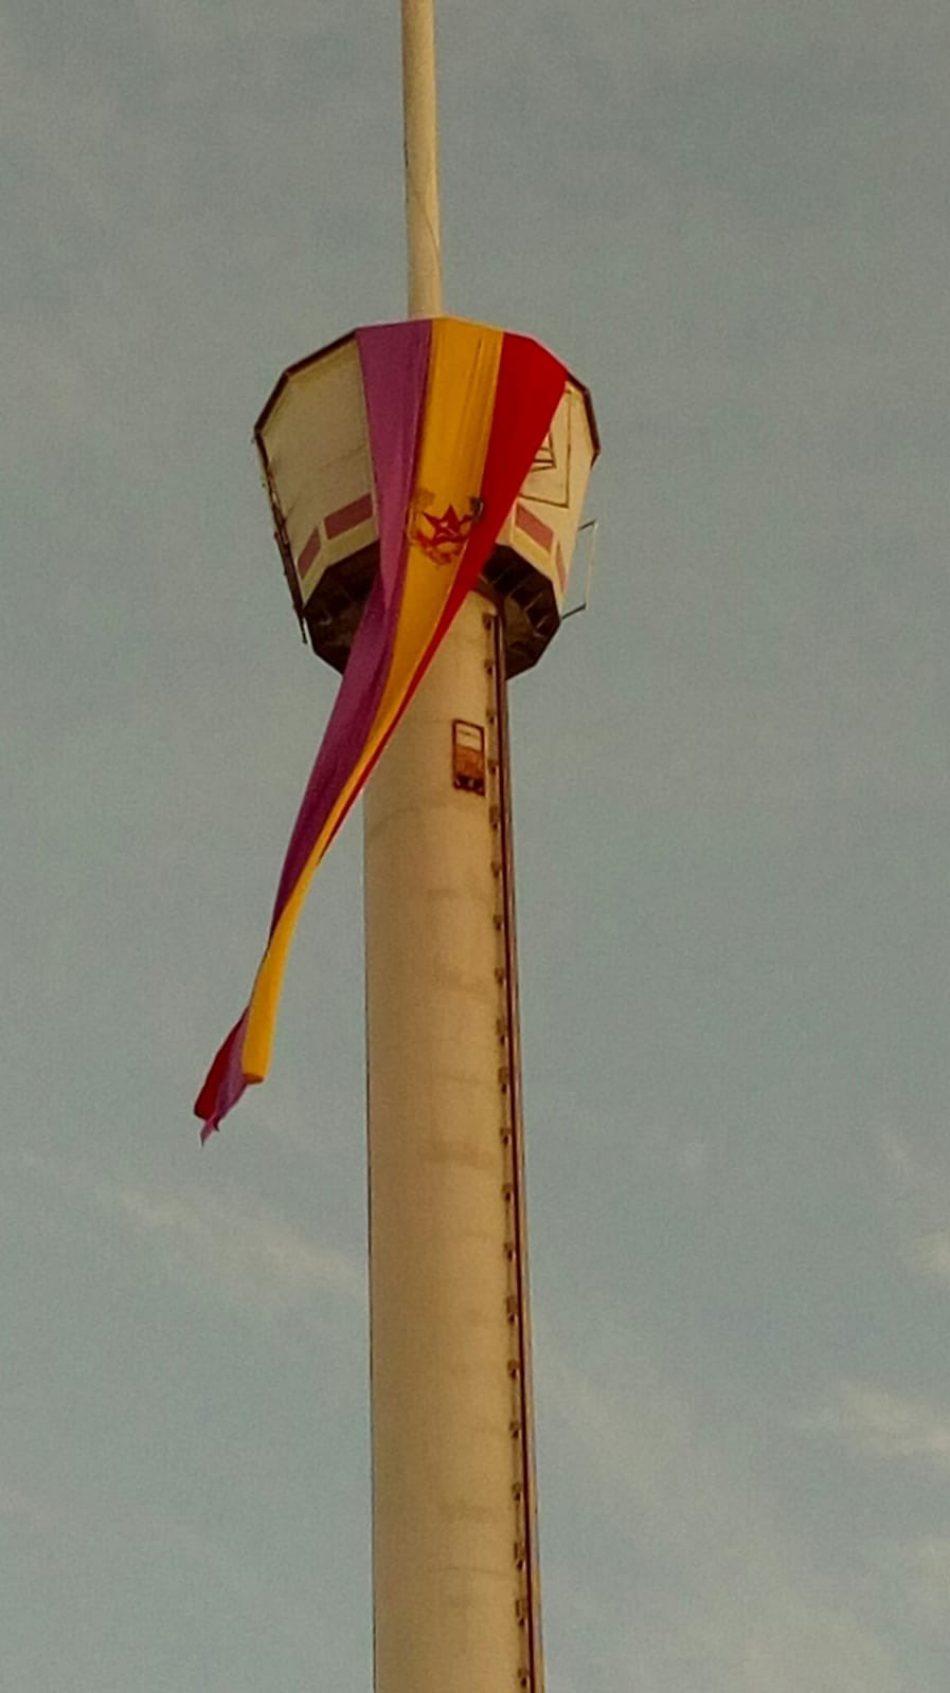 La Torre Banesto de Sevilla amaneció con una enorme bandera de la II República